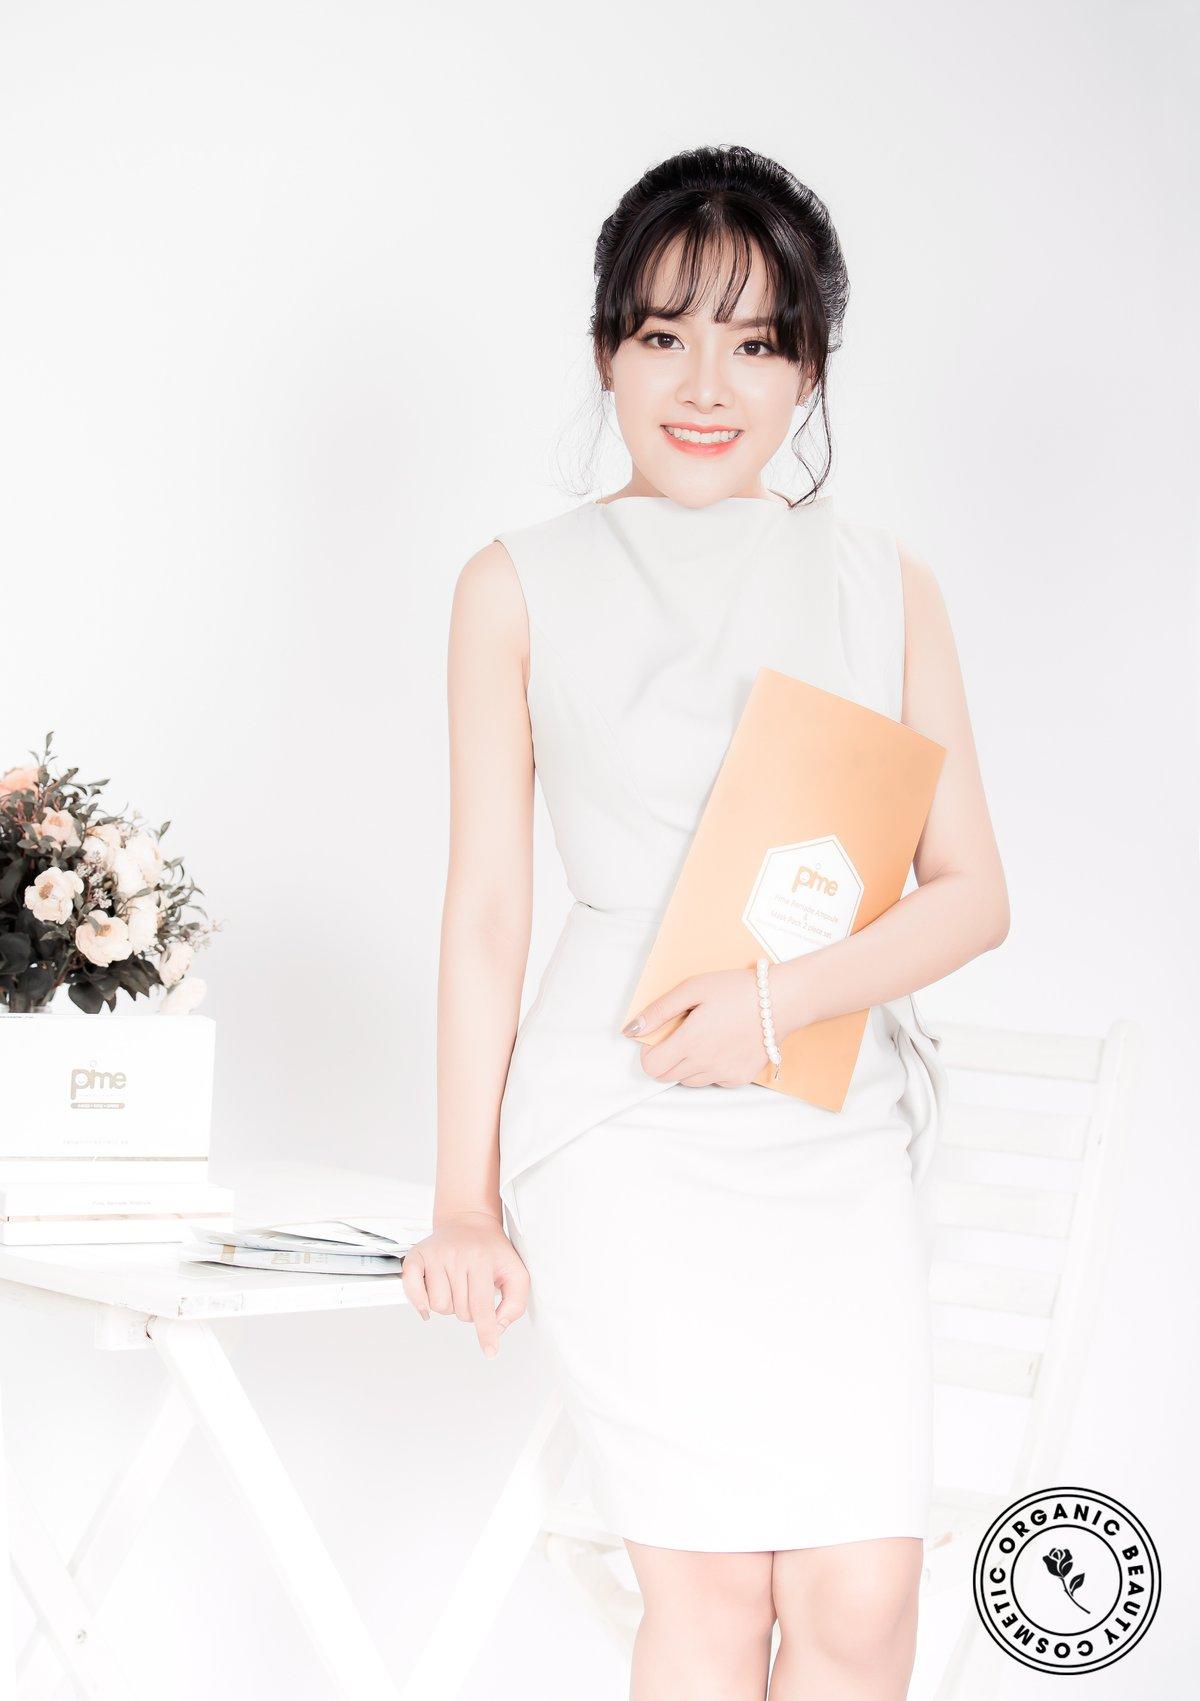 Cần biết - Lễ ra mắt thương hiệu mỹ phẩm organic Hàn Quốc Pime tại Việt Nam (Hình 3).